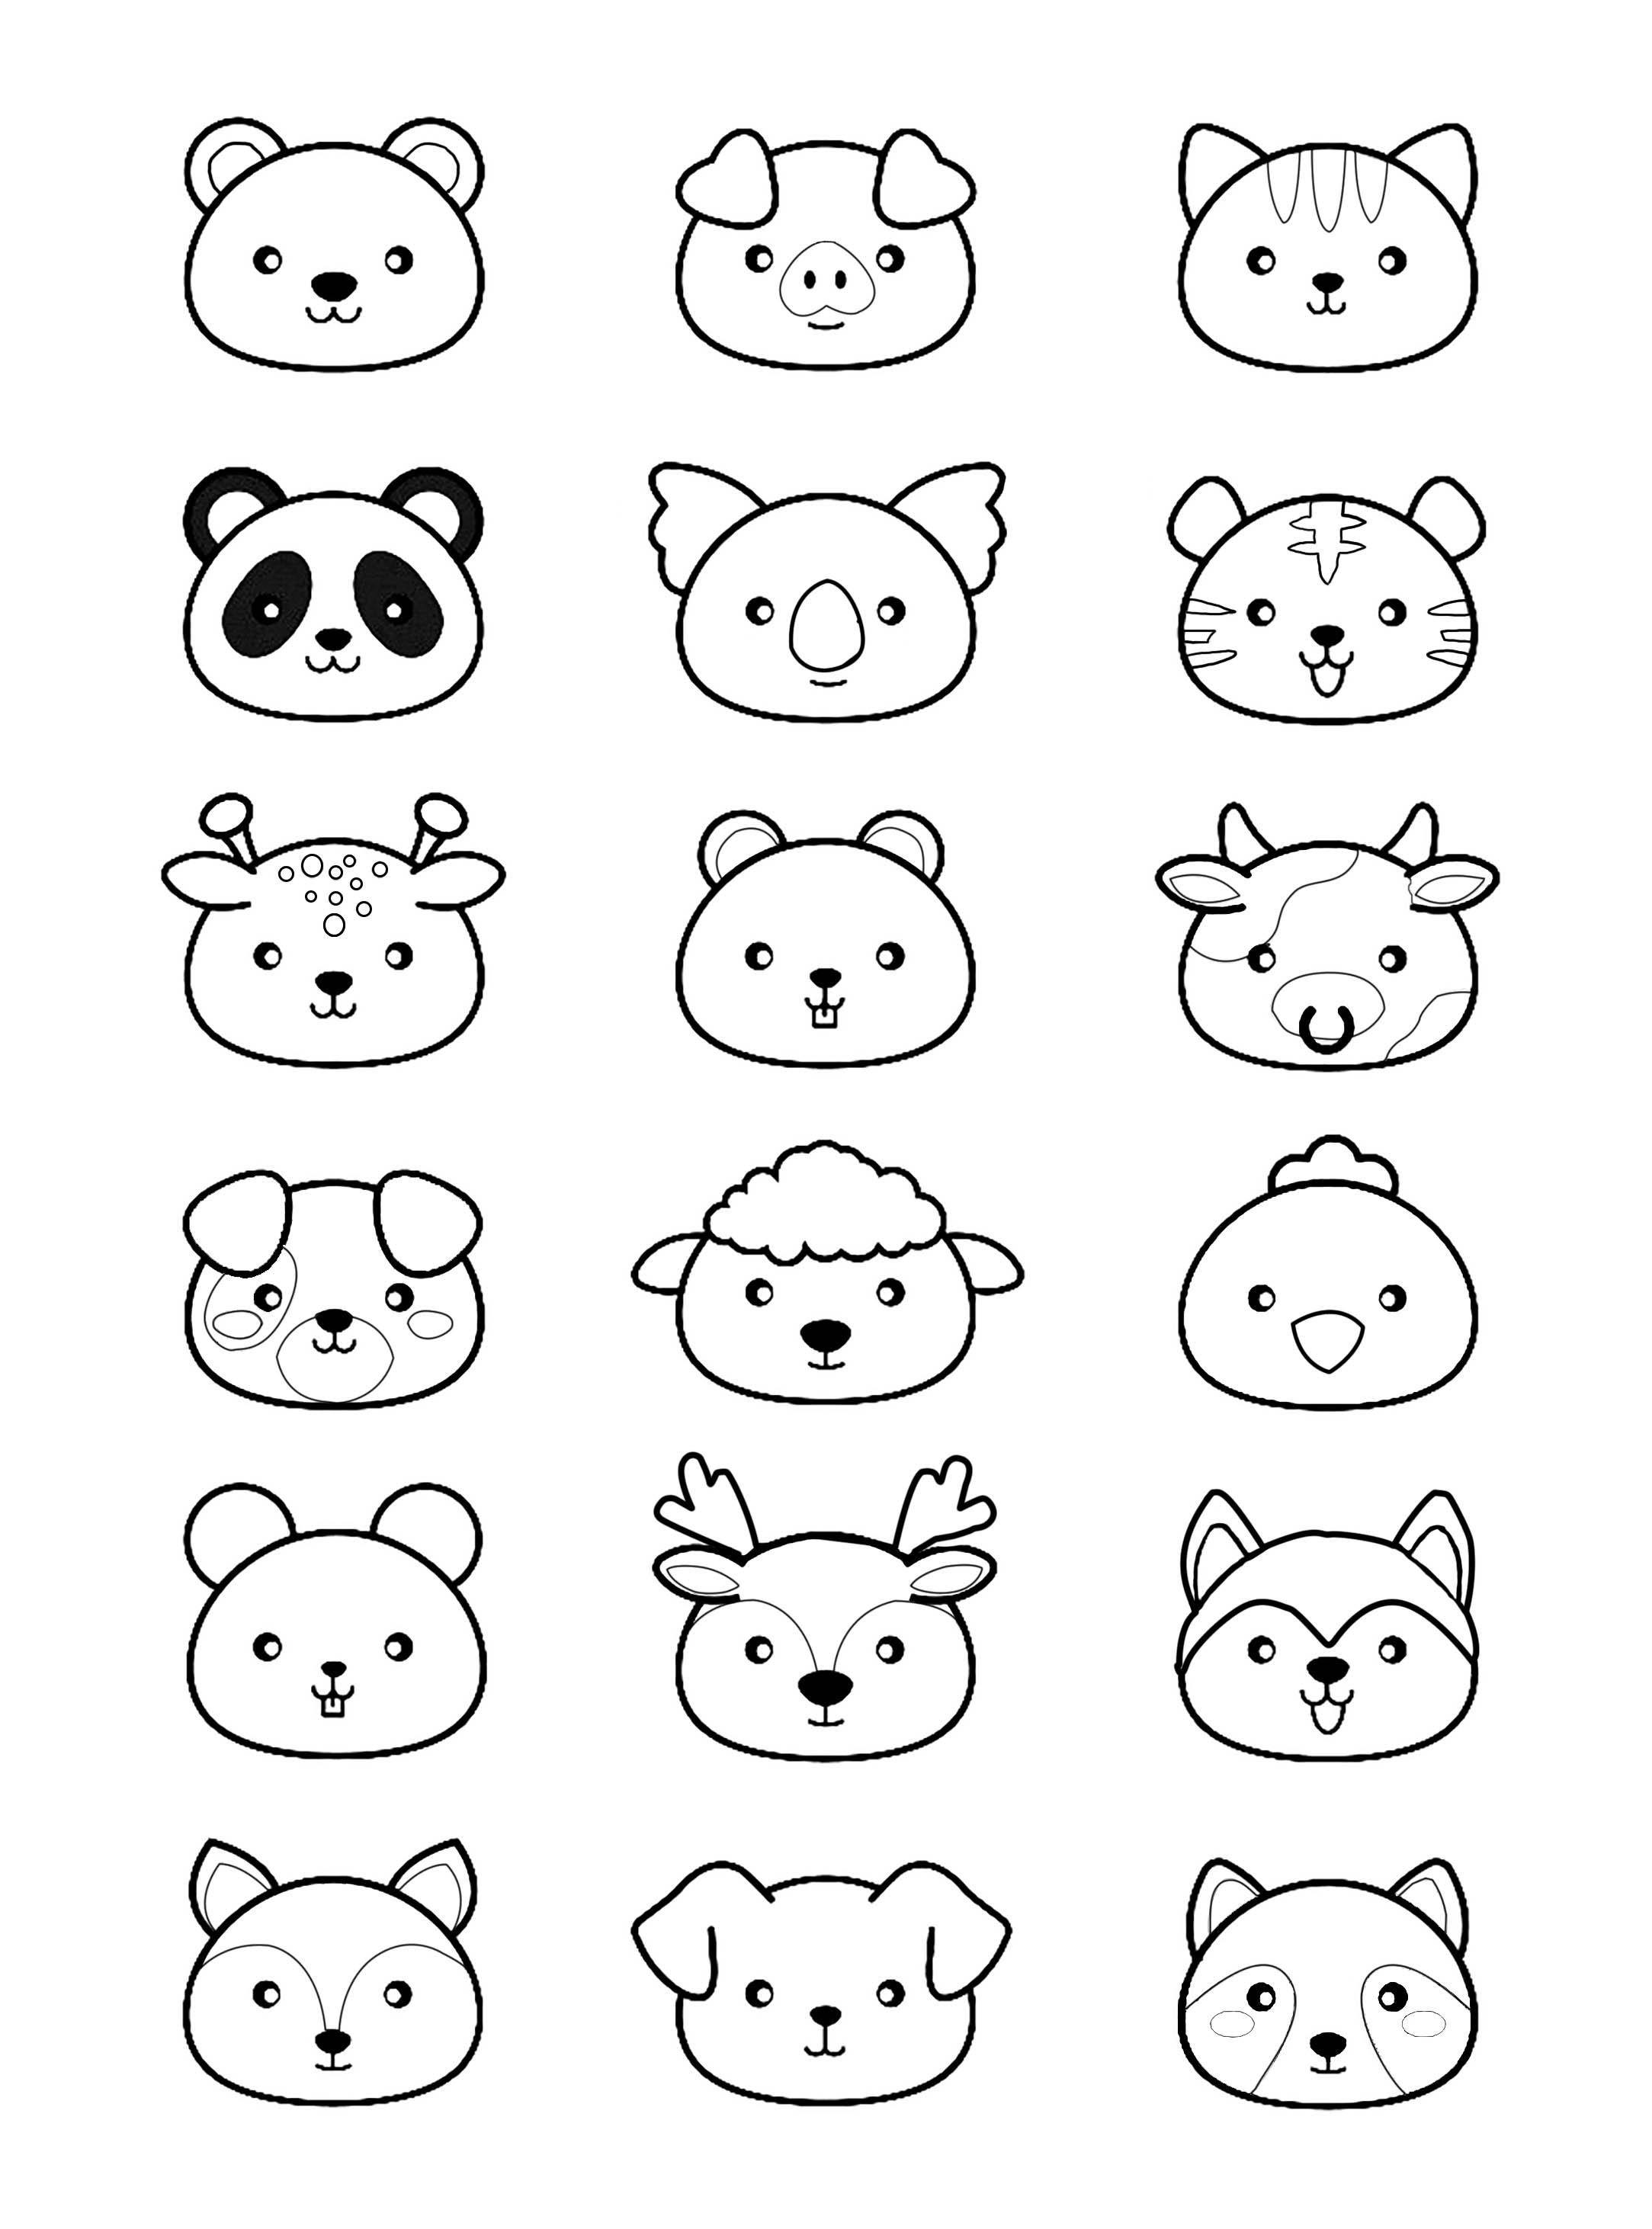 Kawaii Google Search Panda Coloring Pages Cute Kawaii Drawings Cute Coloring Pages